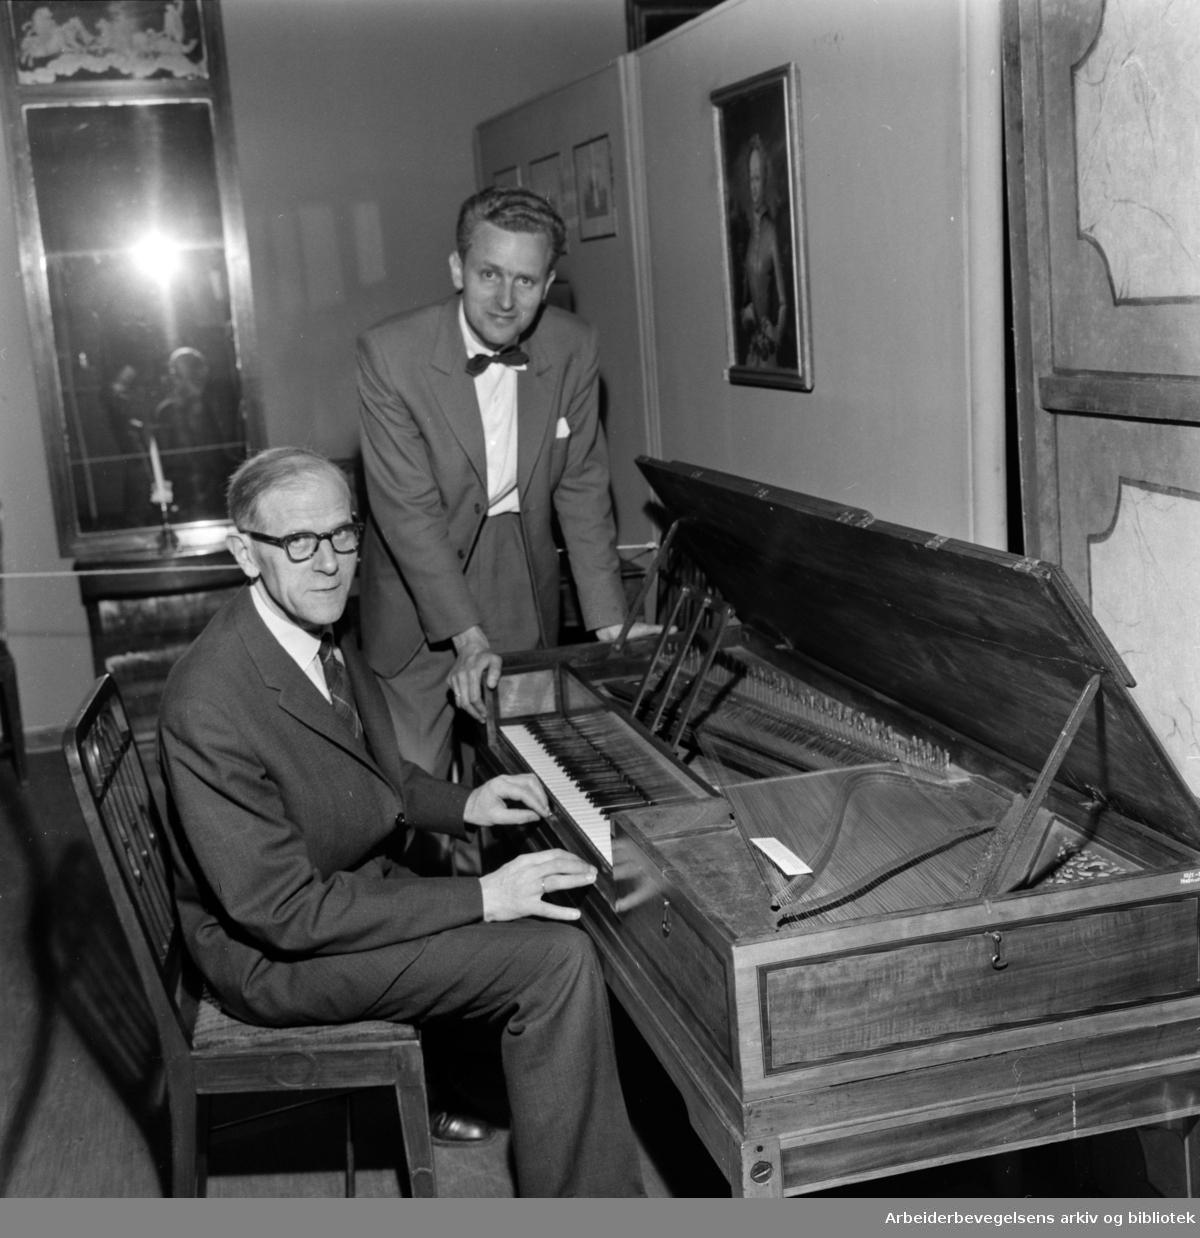 Bygdøy. Folkemuseet Agathe Backer-Grøndahls første klaver. Hammerklaver. Museumsdirektør Reidar Kjellberg og konservator Martin Blindheim. Mai 1960